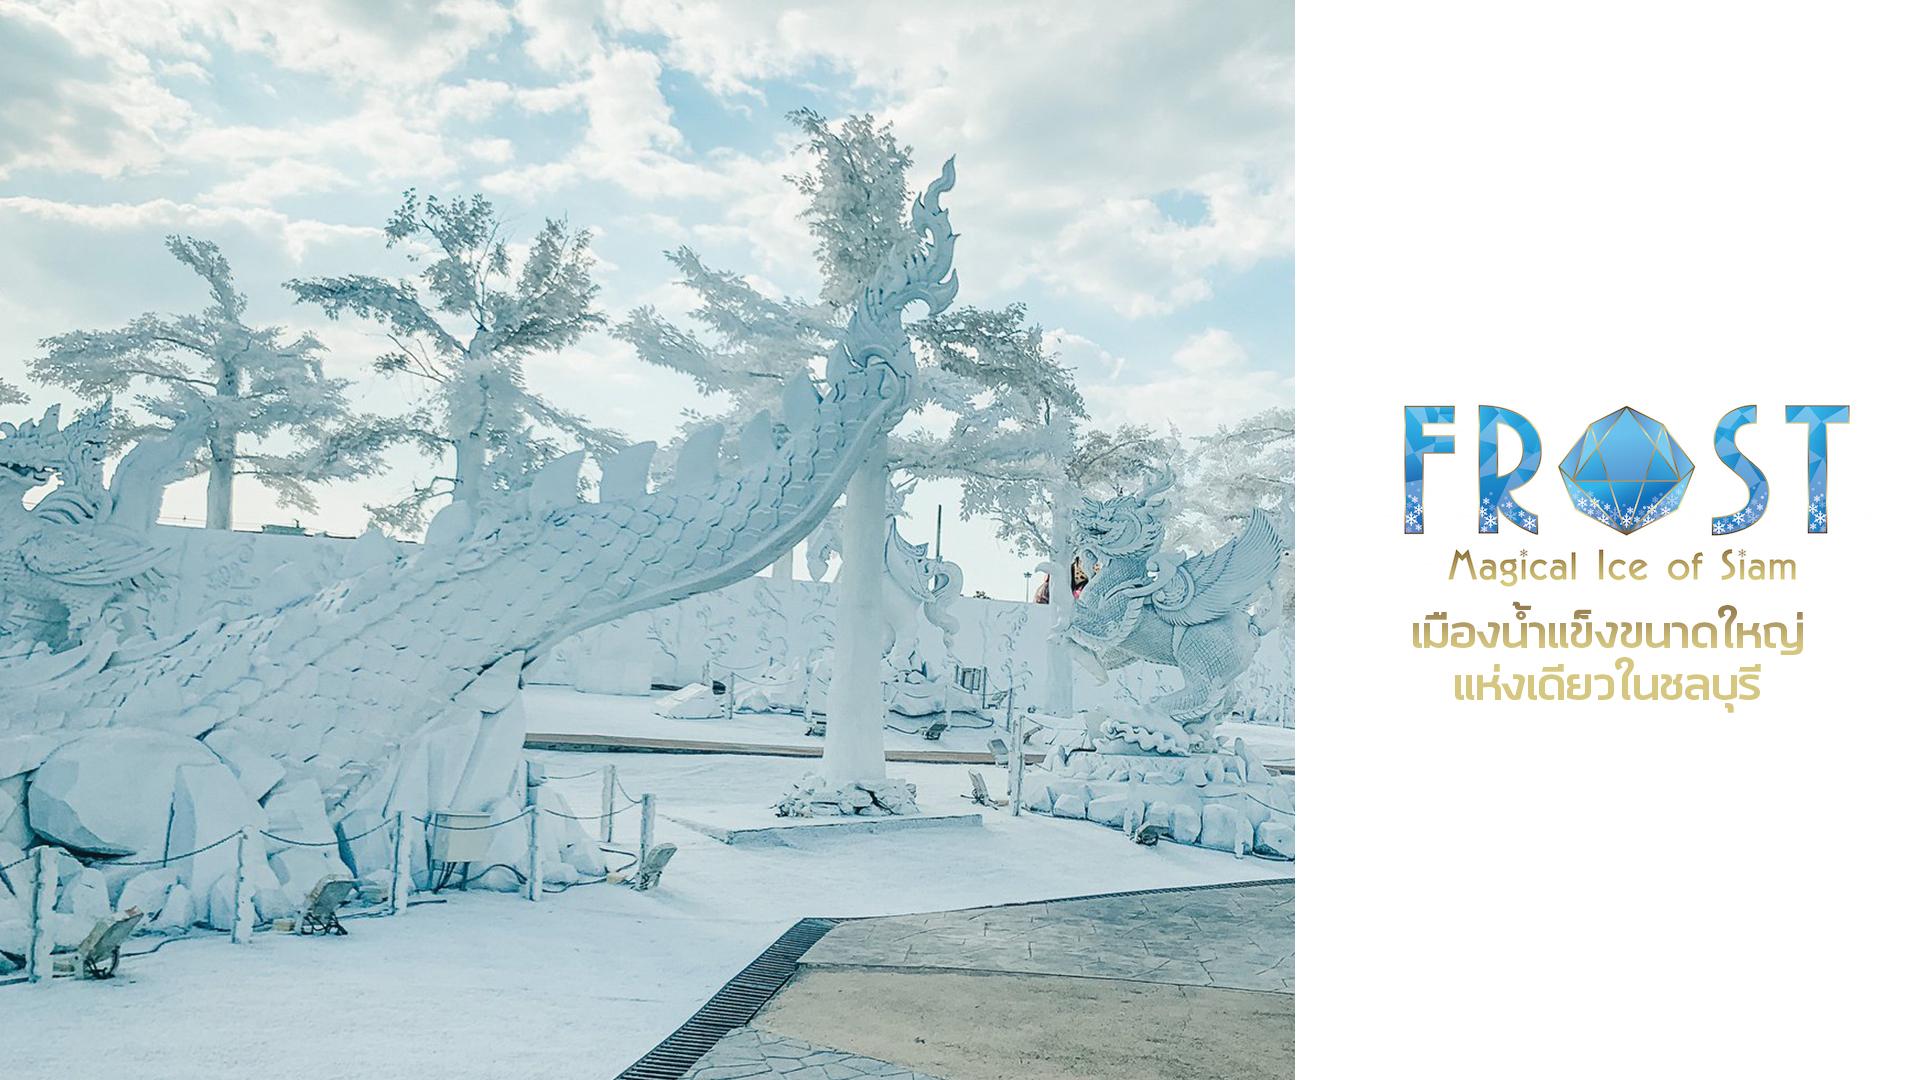 เมืองน้ำแข็งขนาดใหญ่ แห่งเดียวในชลบุรี